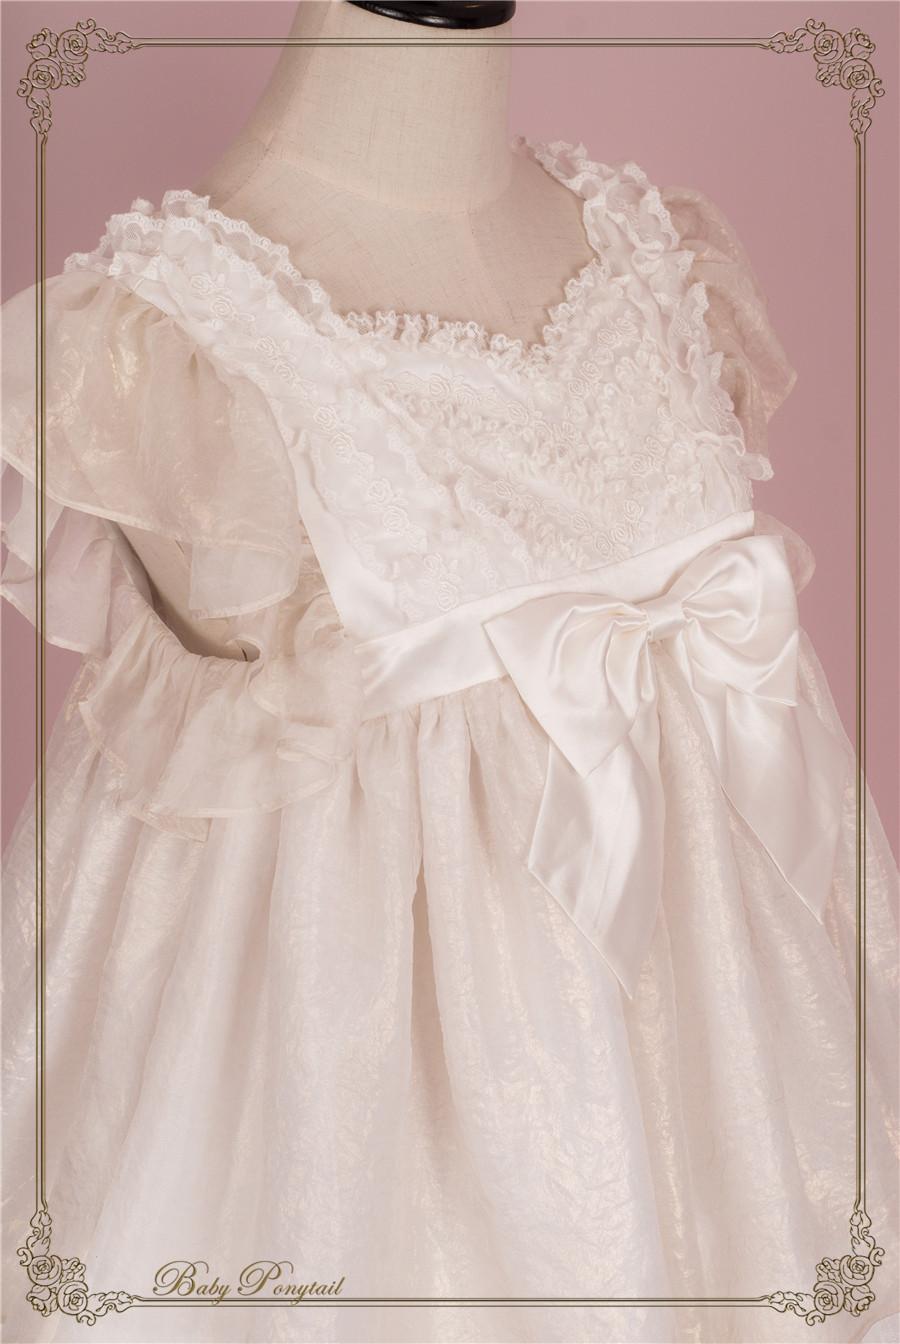 Babyponytail_Stock Photo_Present Angel_JSK White_10.jpg